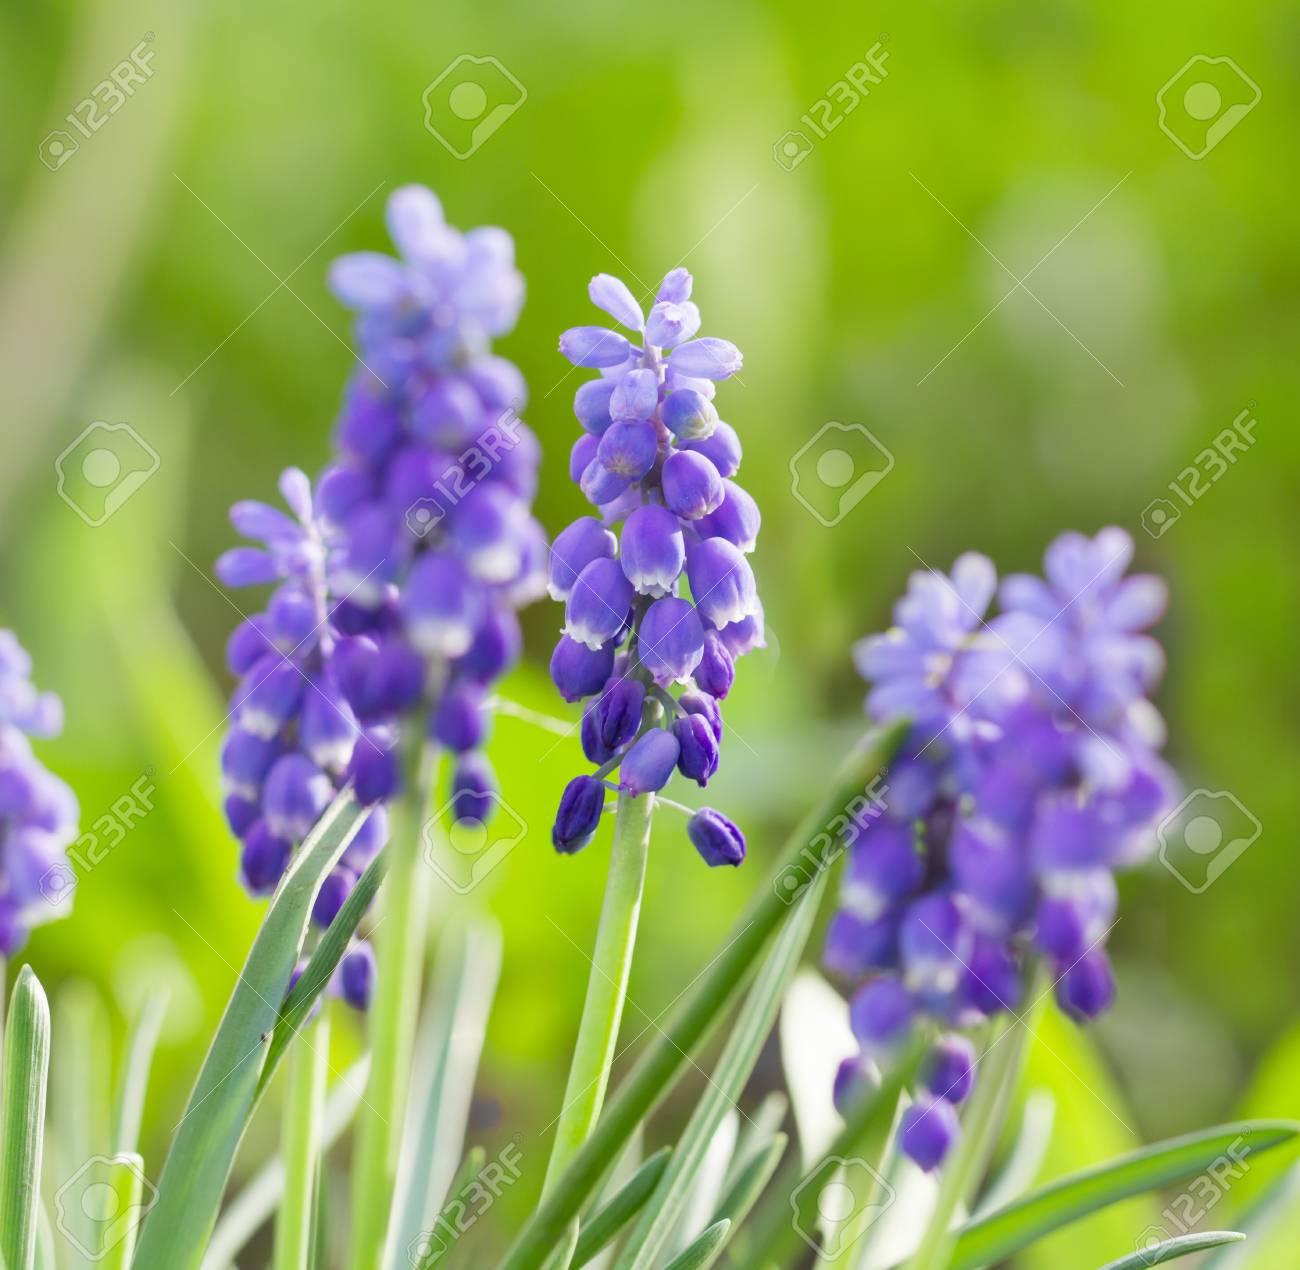 bluebells closeup - 79638009